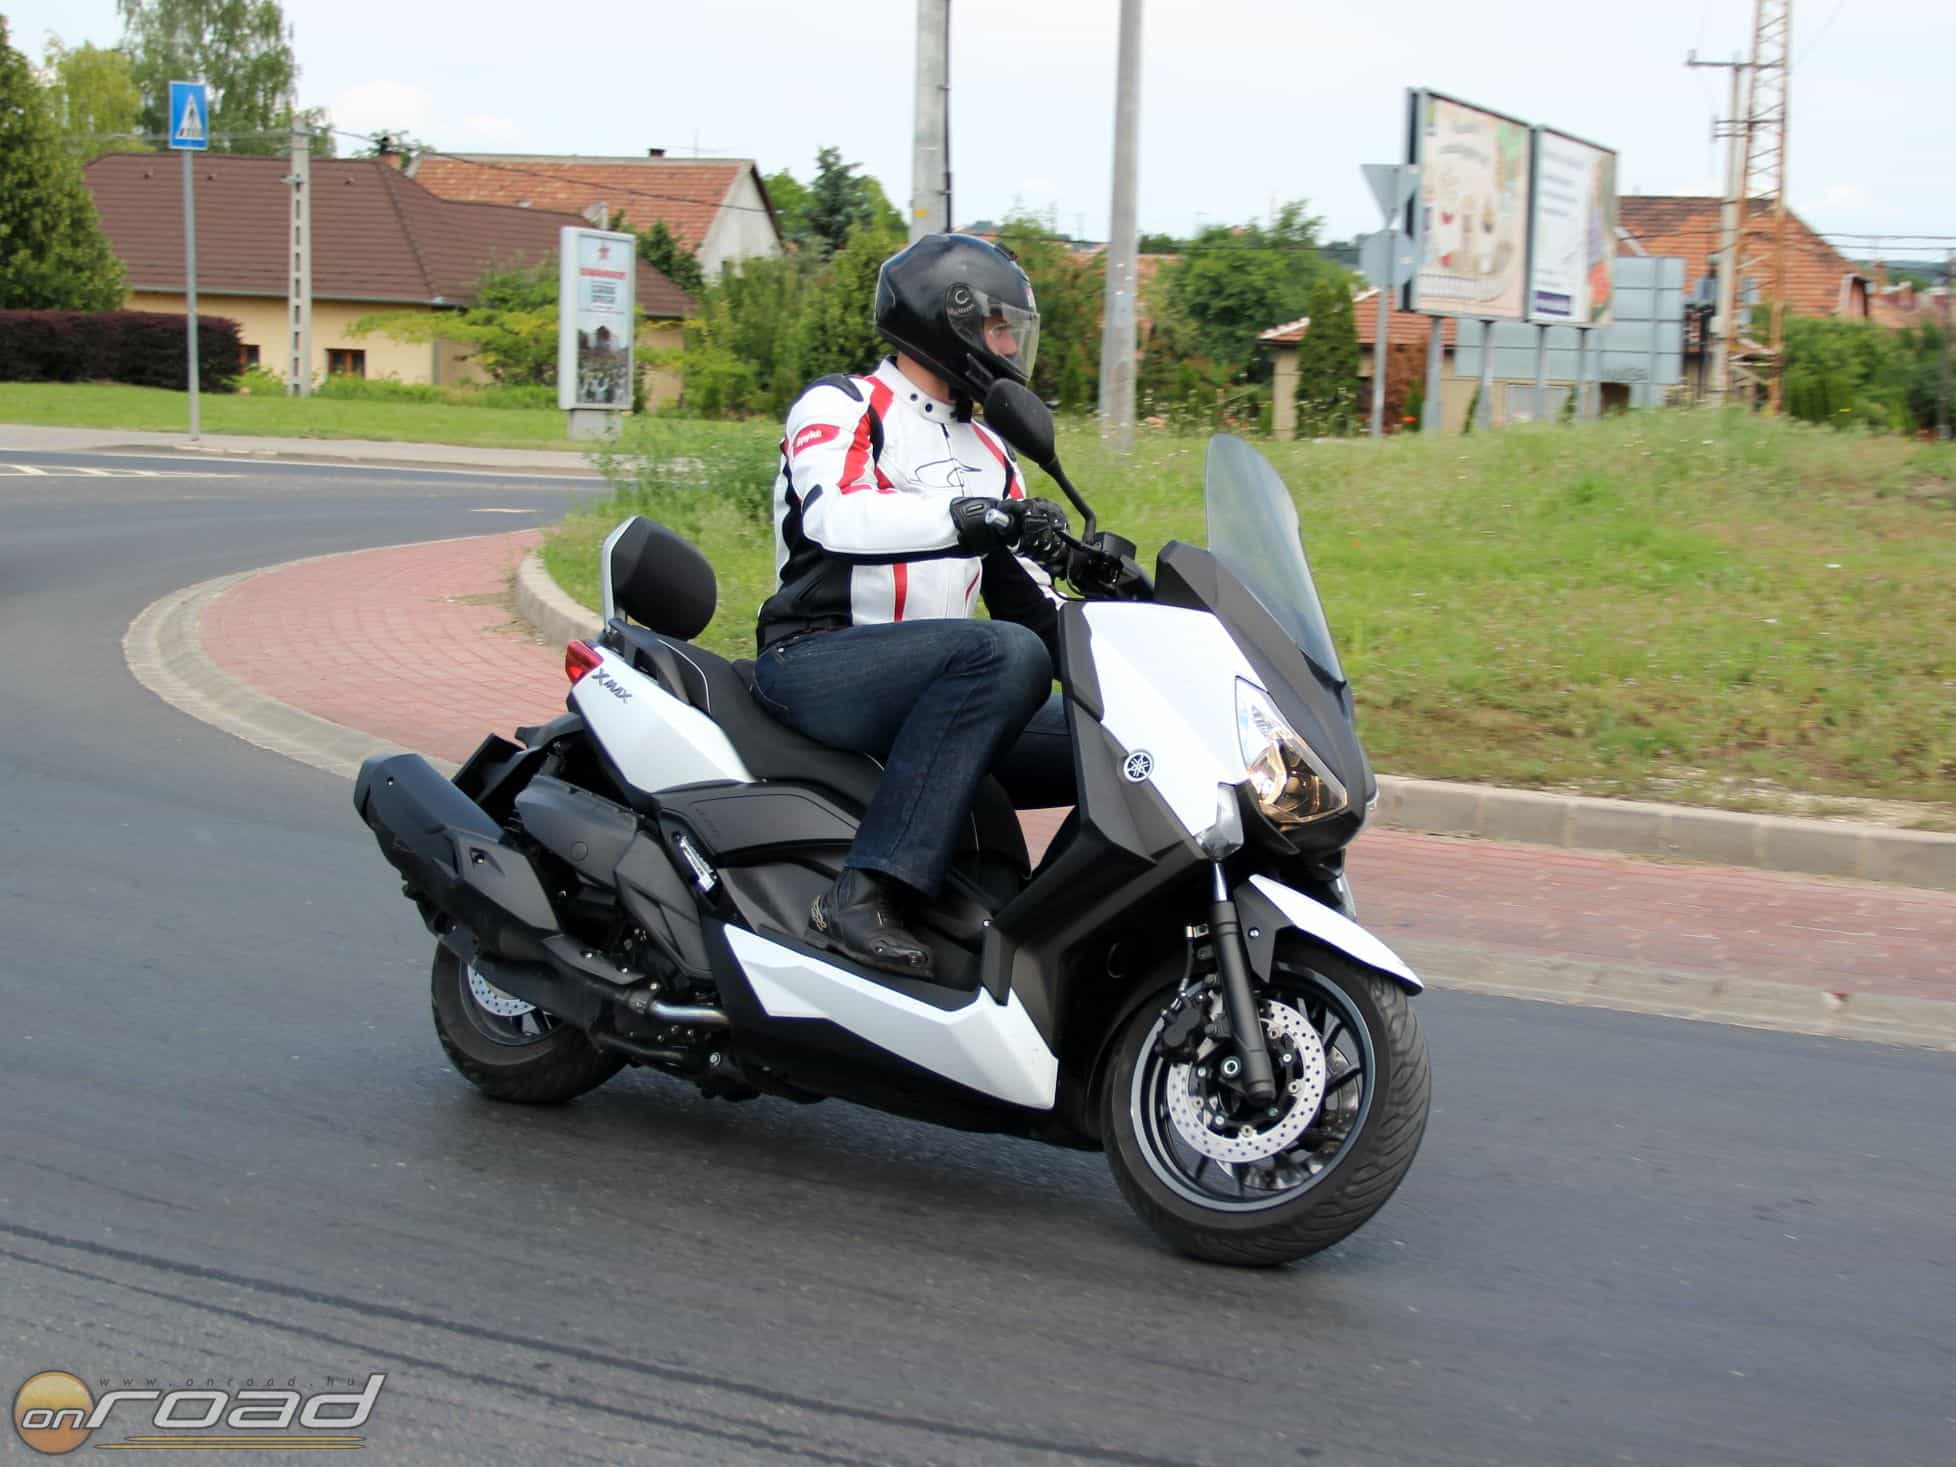 A Yamaha X-Max 400 érte el a második legnagyobb nézettséget videócsatornánkon